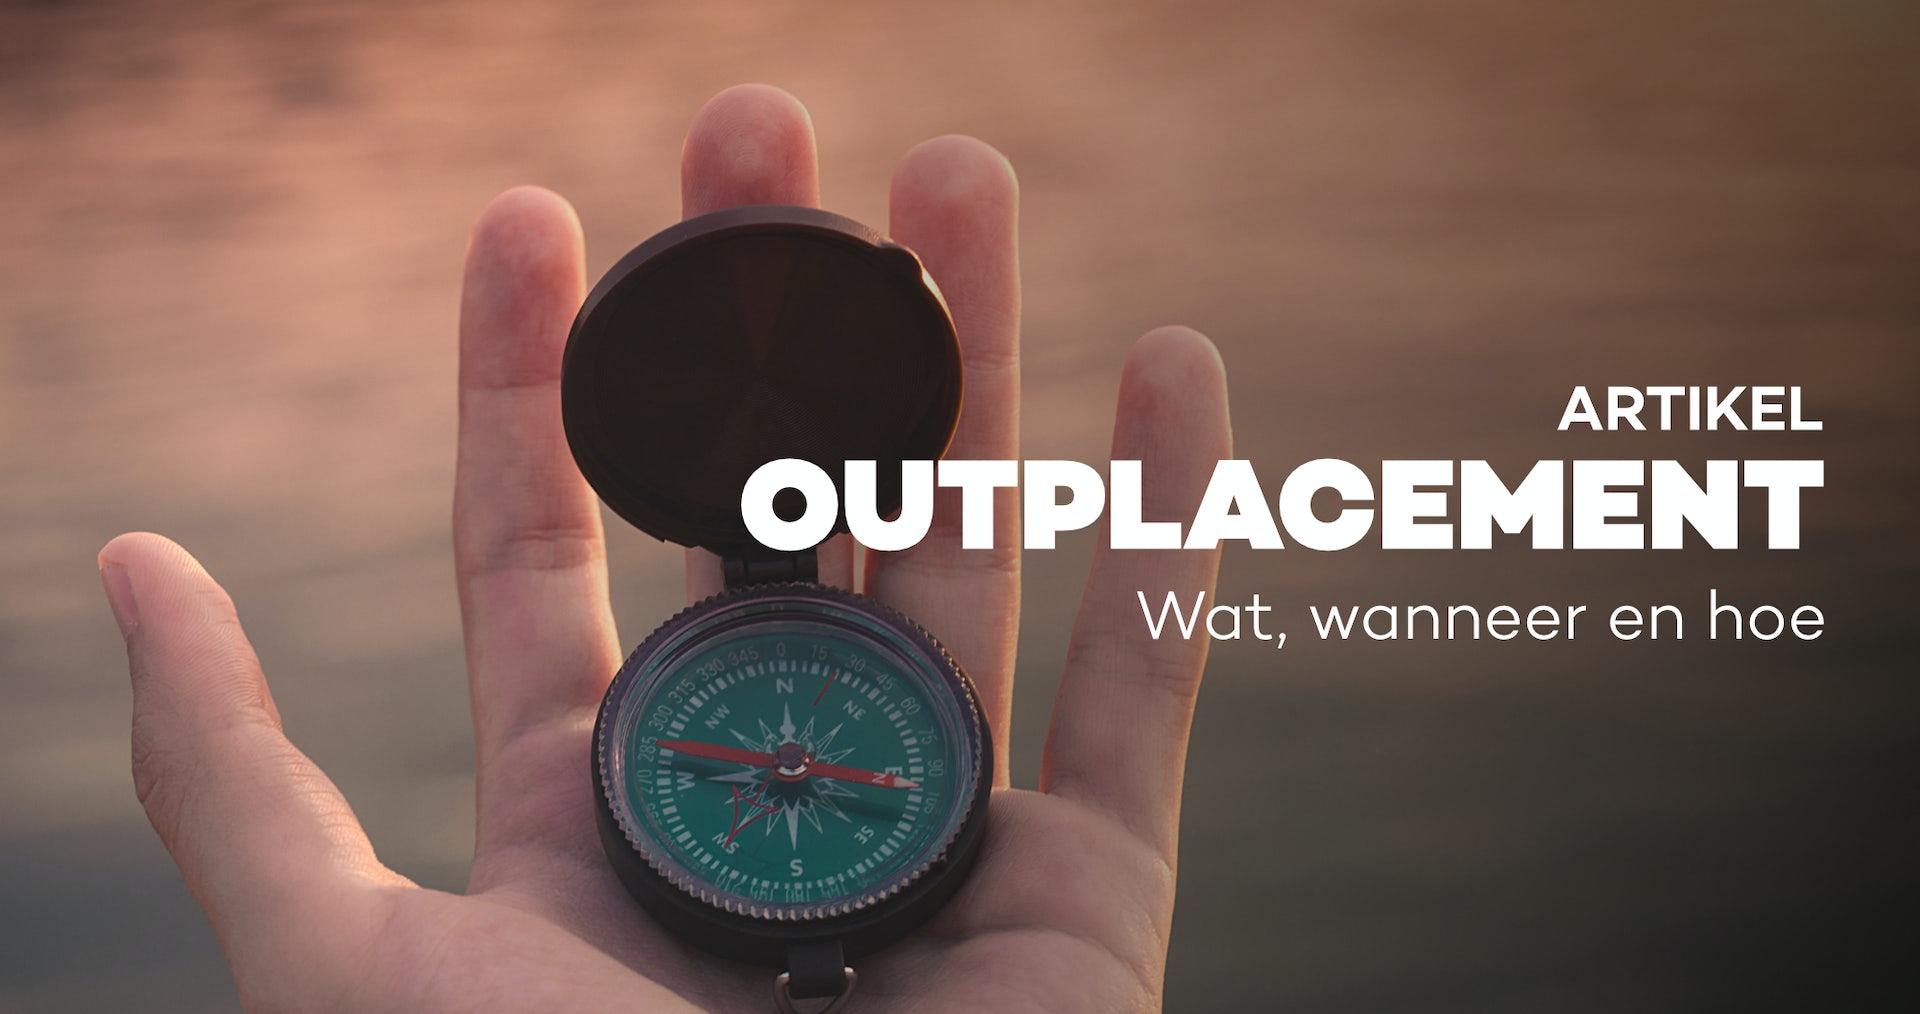 Outplacement. Wat, wanneer en hoe